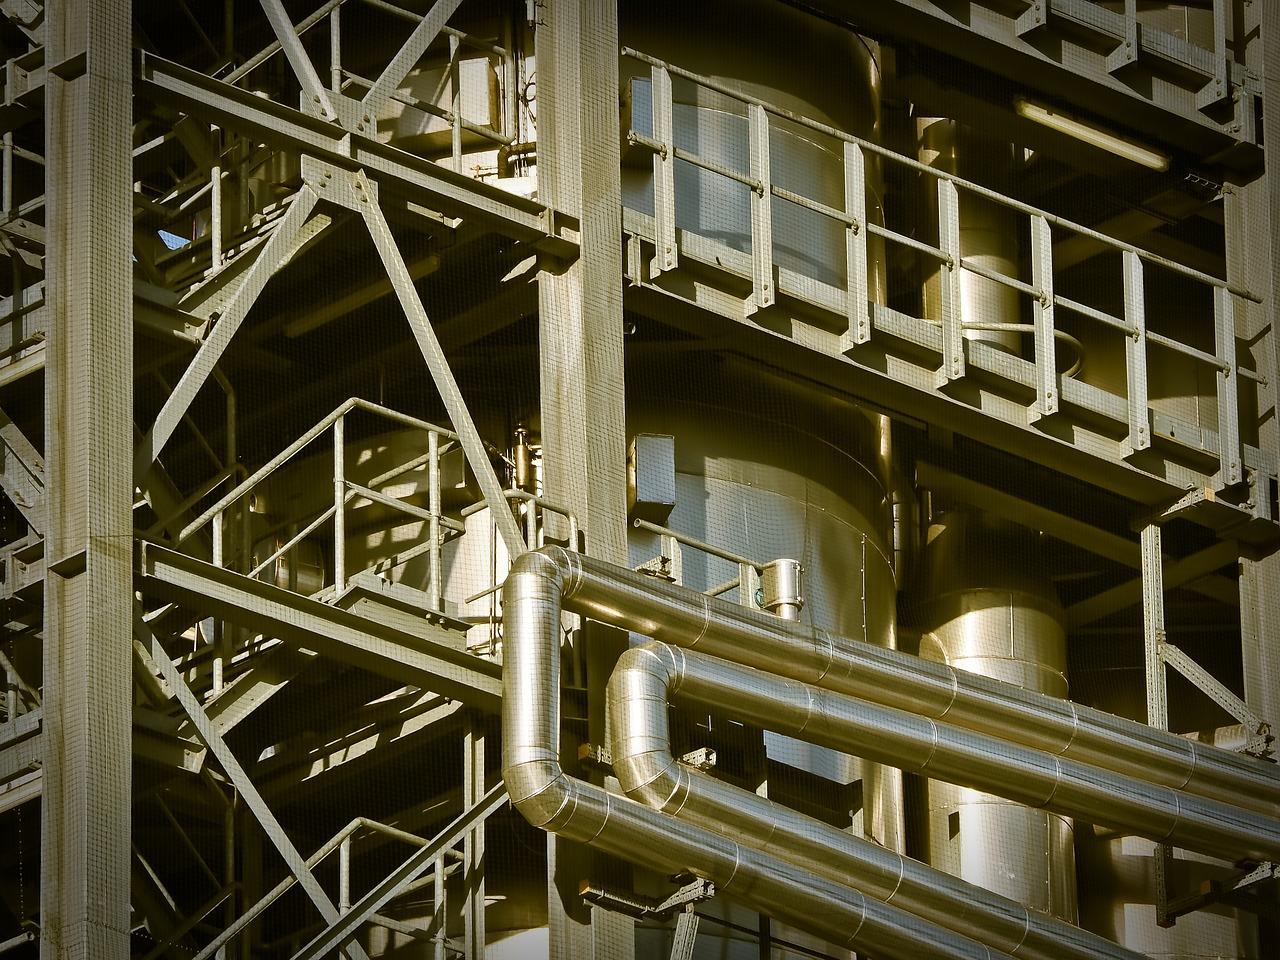 Maschinendatenerfassung und Betriebsdatenerfassung in der Produktherstellung